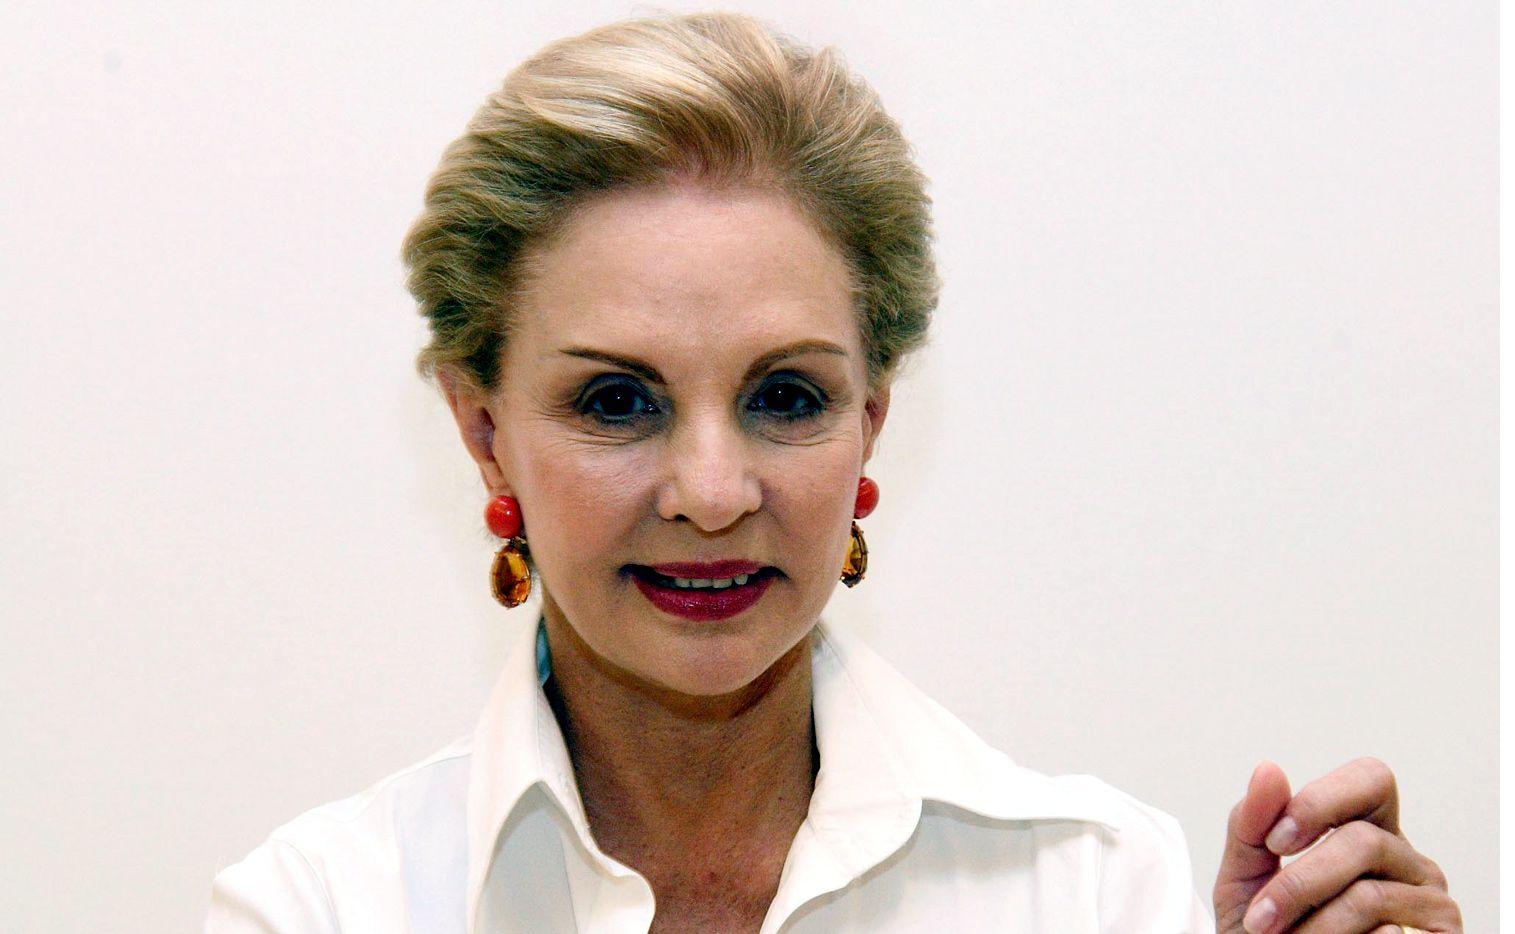 Carolina Herrera pasará de ser directora creativa de su marca a ser sólo embajadora de la empresa; cederá su puesto a Wes Gordon./ AGENCIA REFORMA